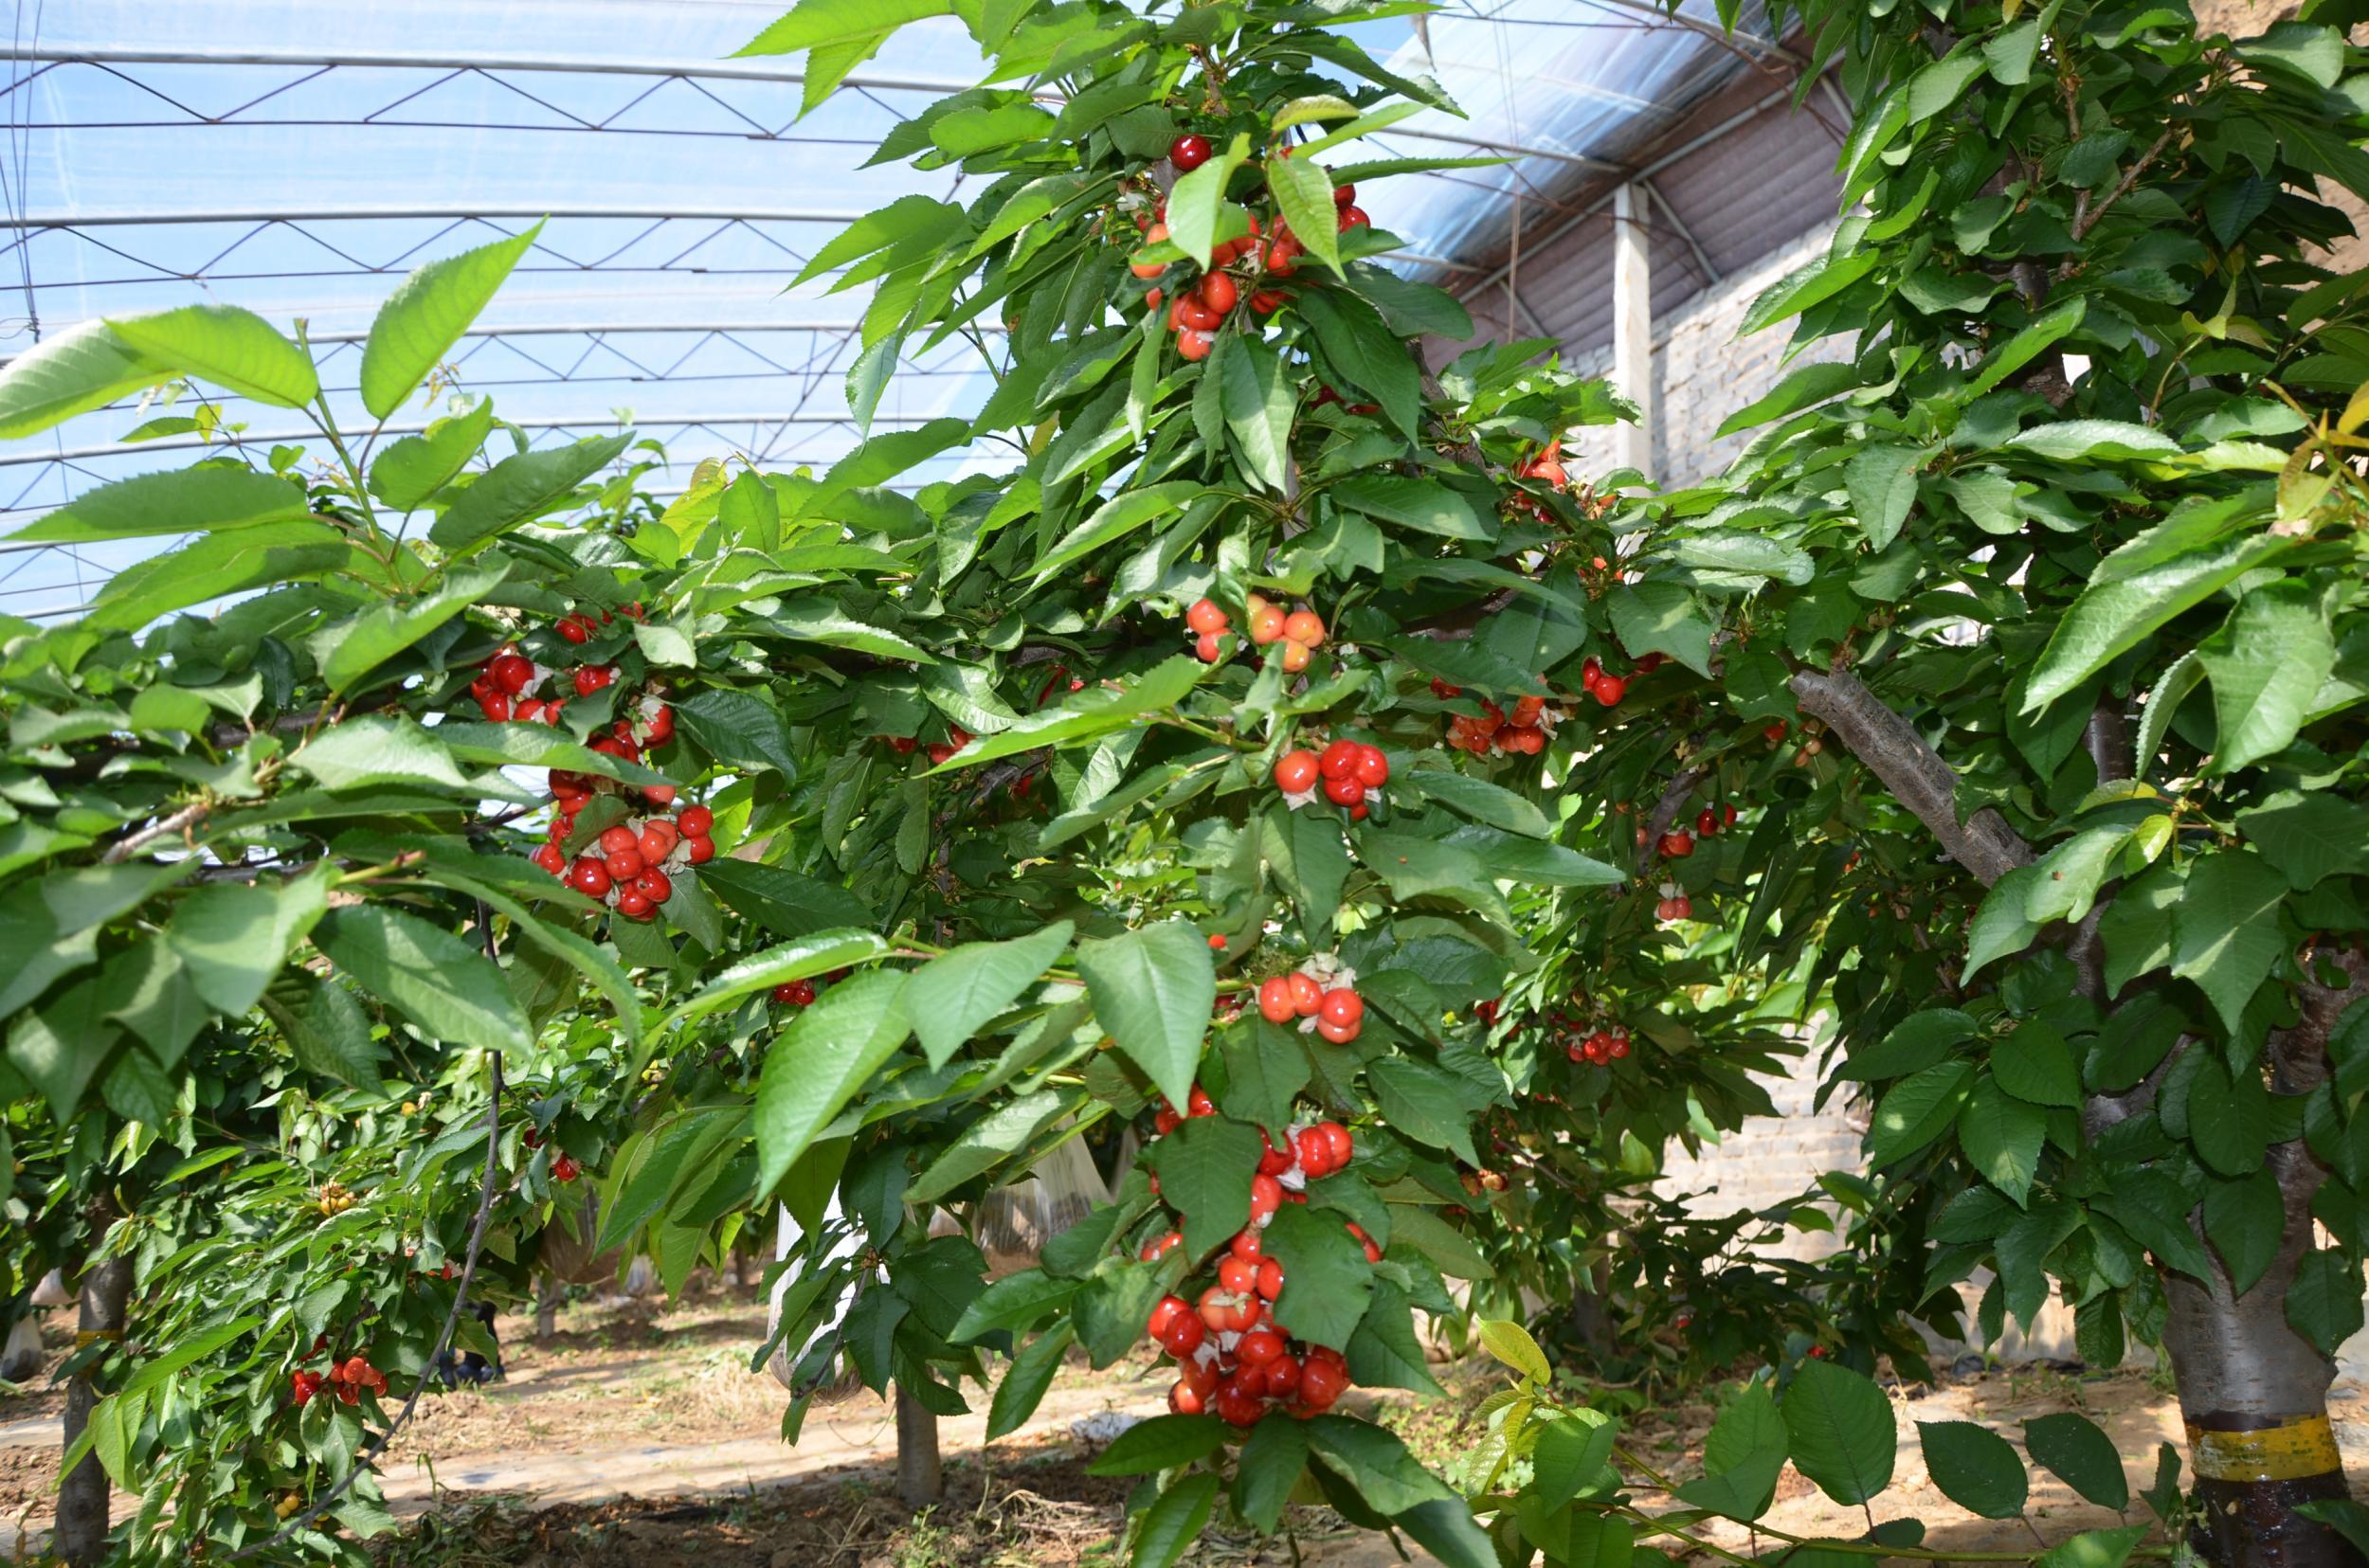 河北润尚生态观光采摘园首批樱桃成熟石家庄采摘又多一好去处